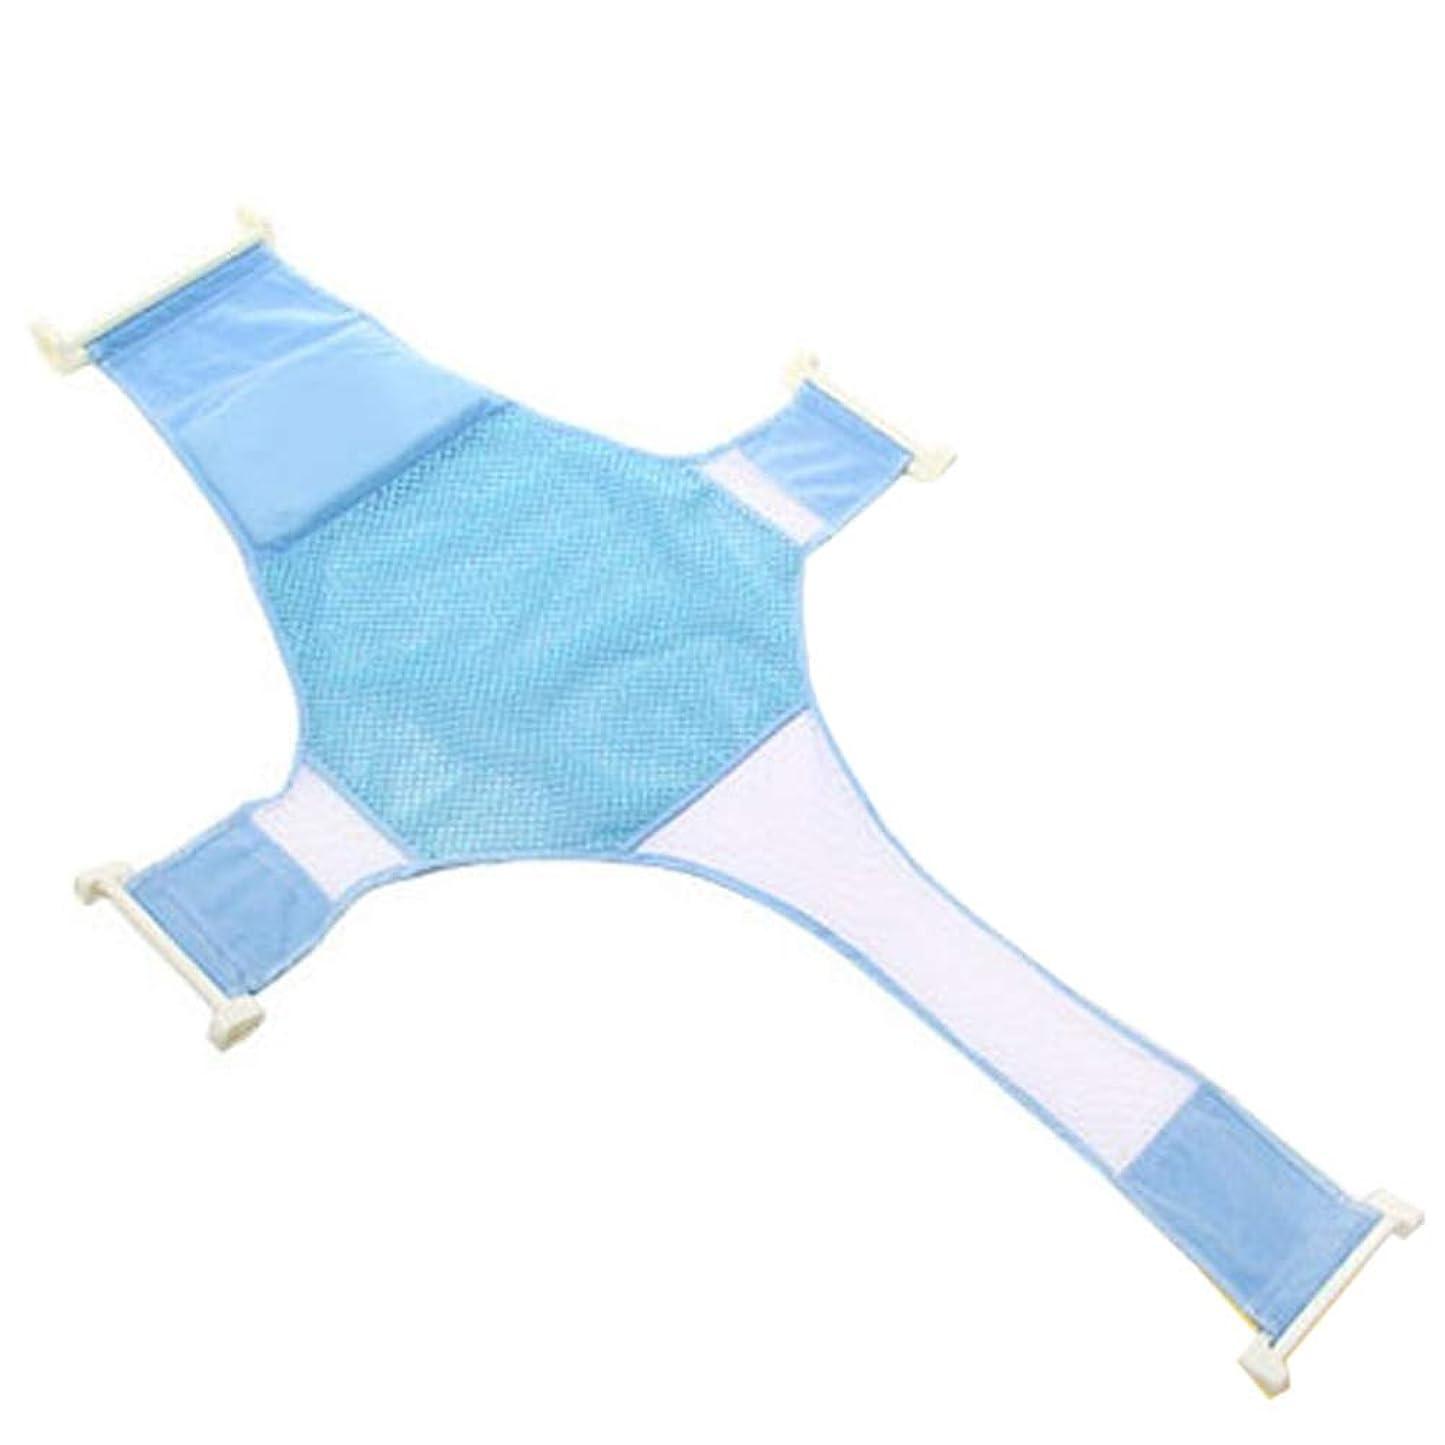 パフボール心のこもったAmyou 新生児ベビーバスシートショットネットワークバッグスタブスリングショーウォッシュメッシュ入浴クレイドルノーリップスクロスベッドのためのタブ